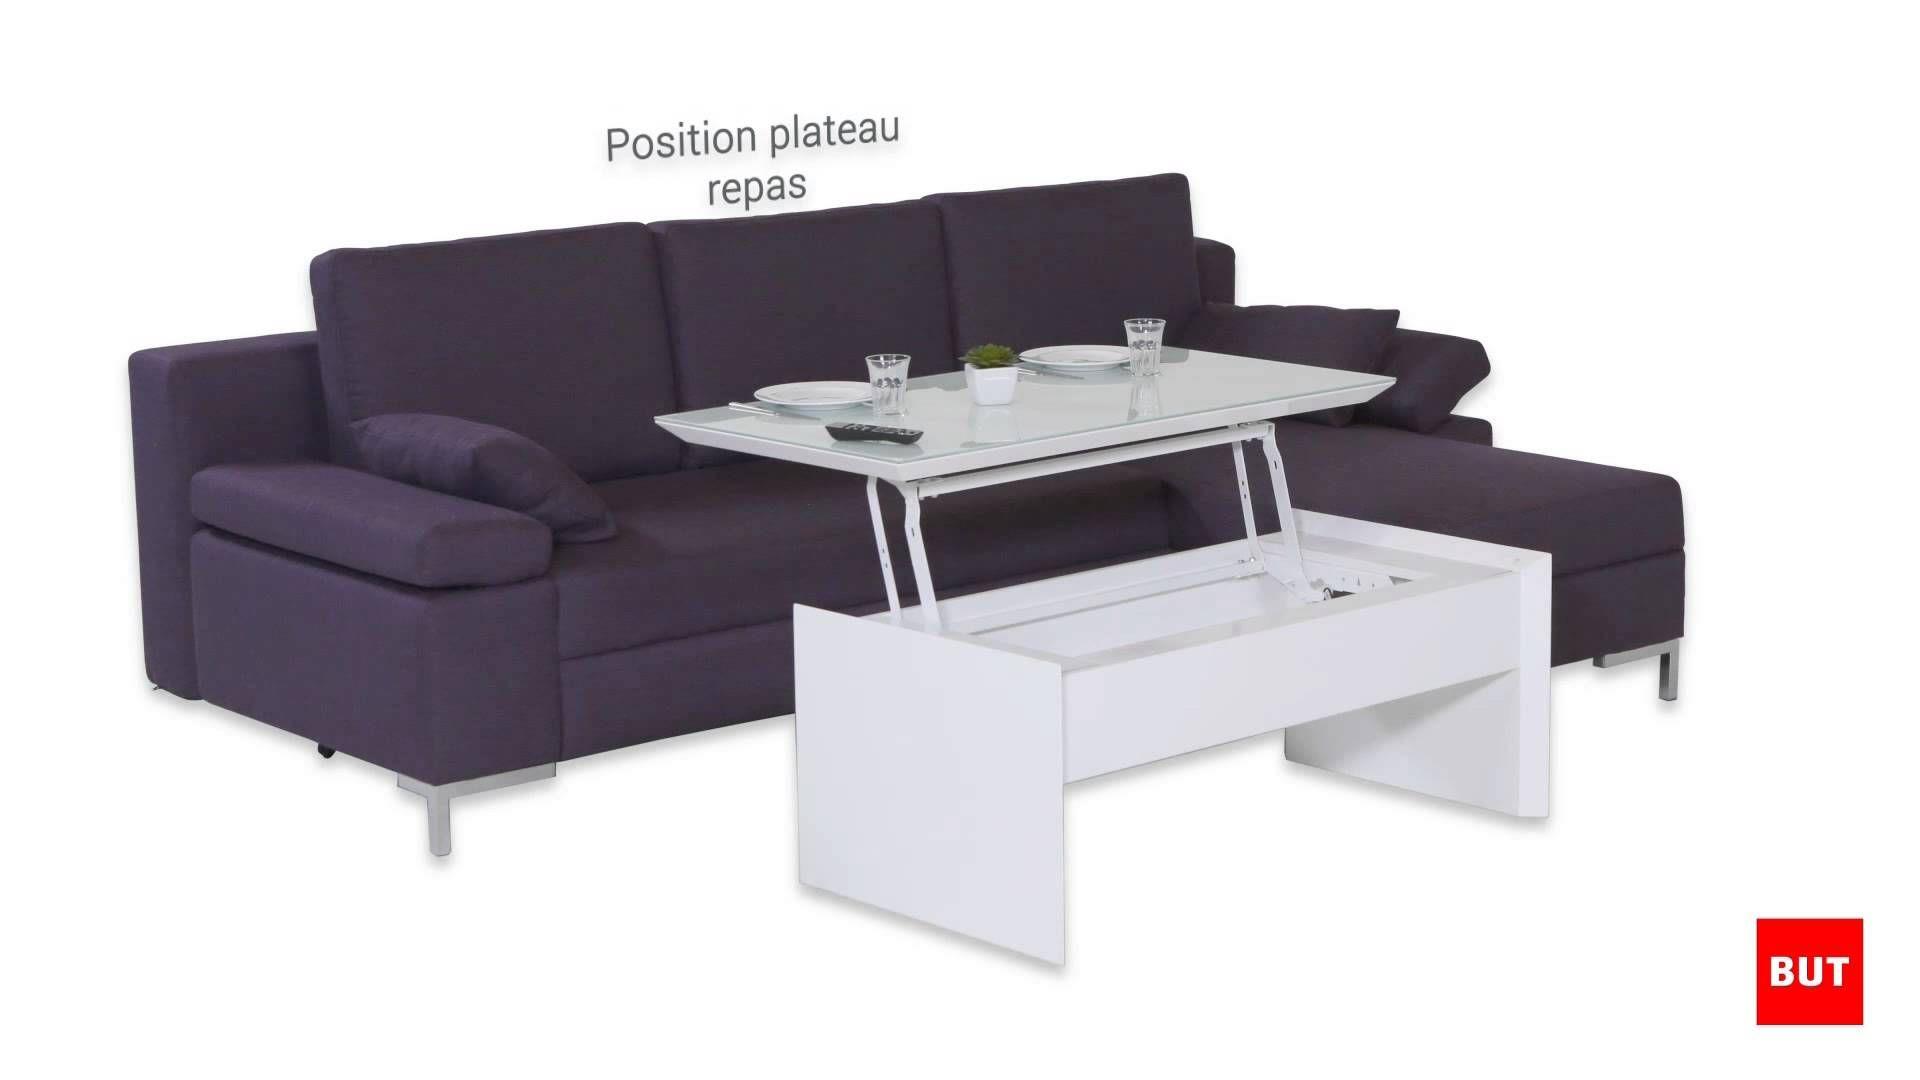 Redoutable Table Basse Plateau Relevable D Coration Fran Aise  # Meuble Ikea Salon Avec Porte Relevable